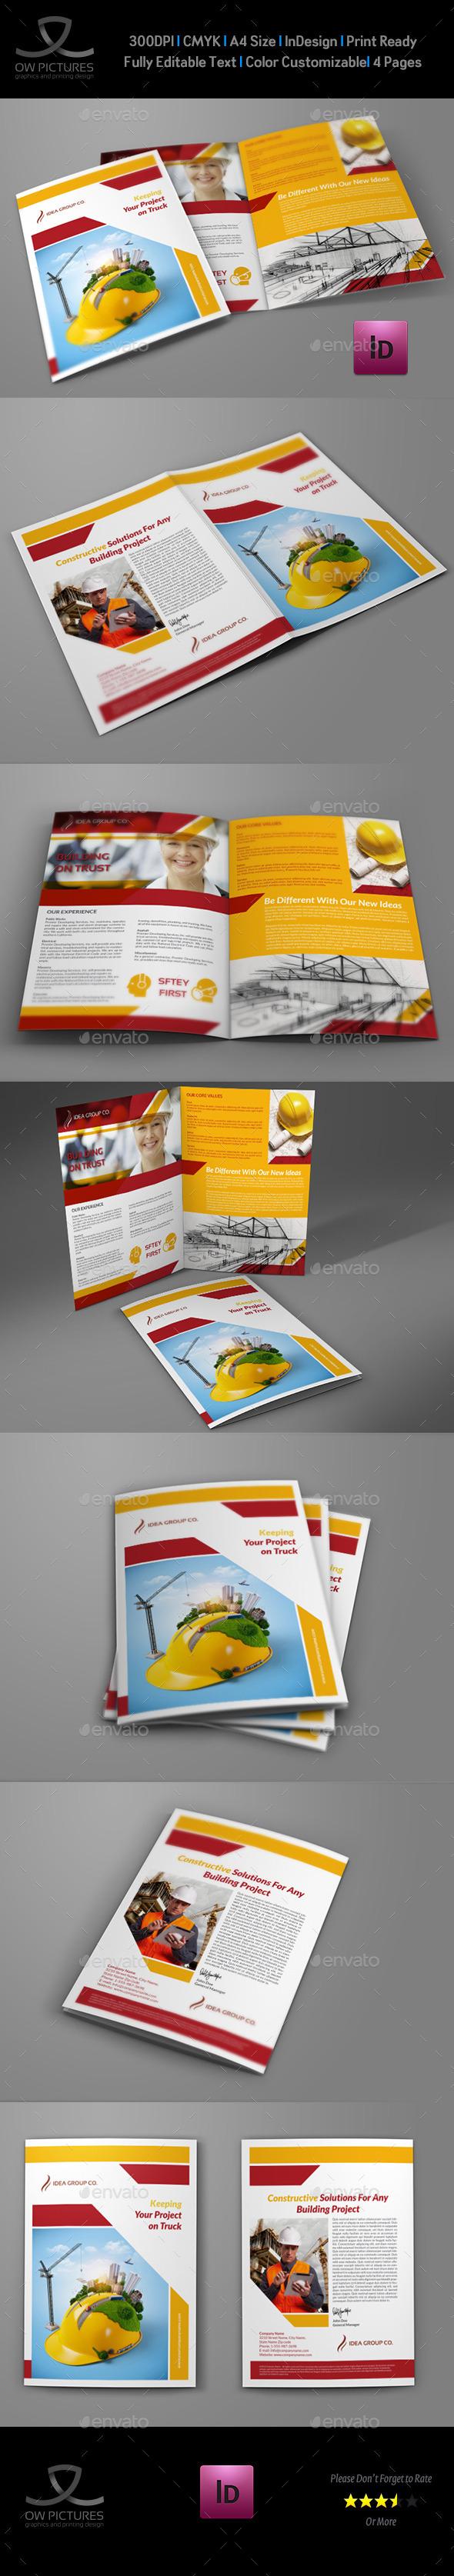 GraphicRiver Construction Company Brochure Bi-Fold Vol.2 9019745